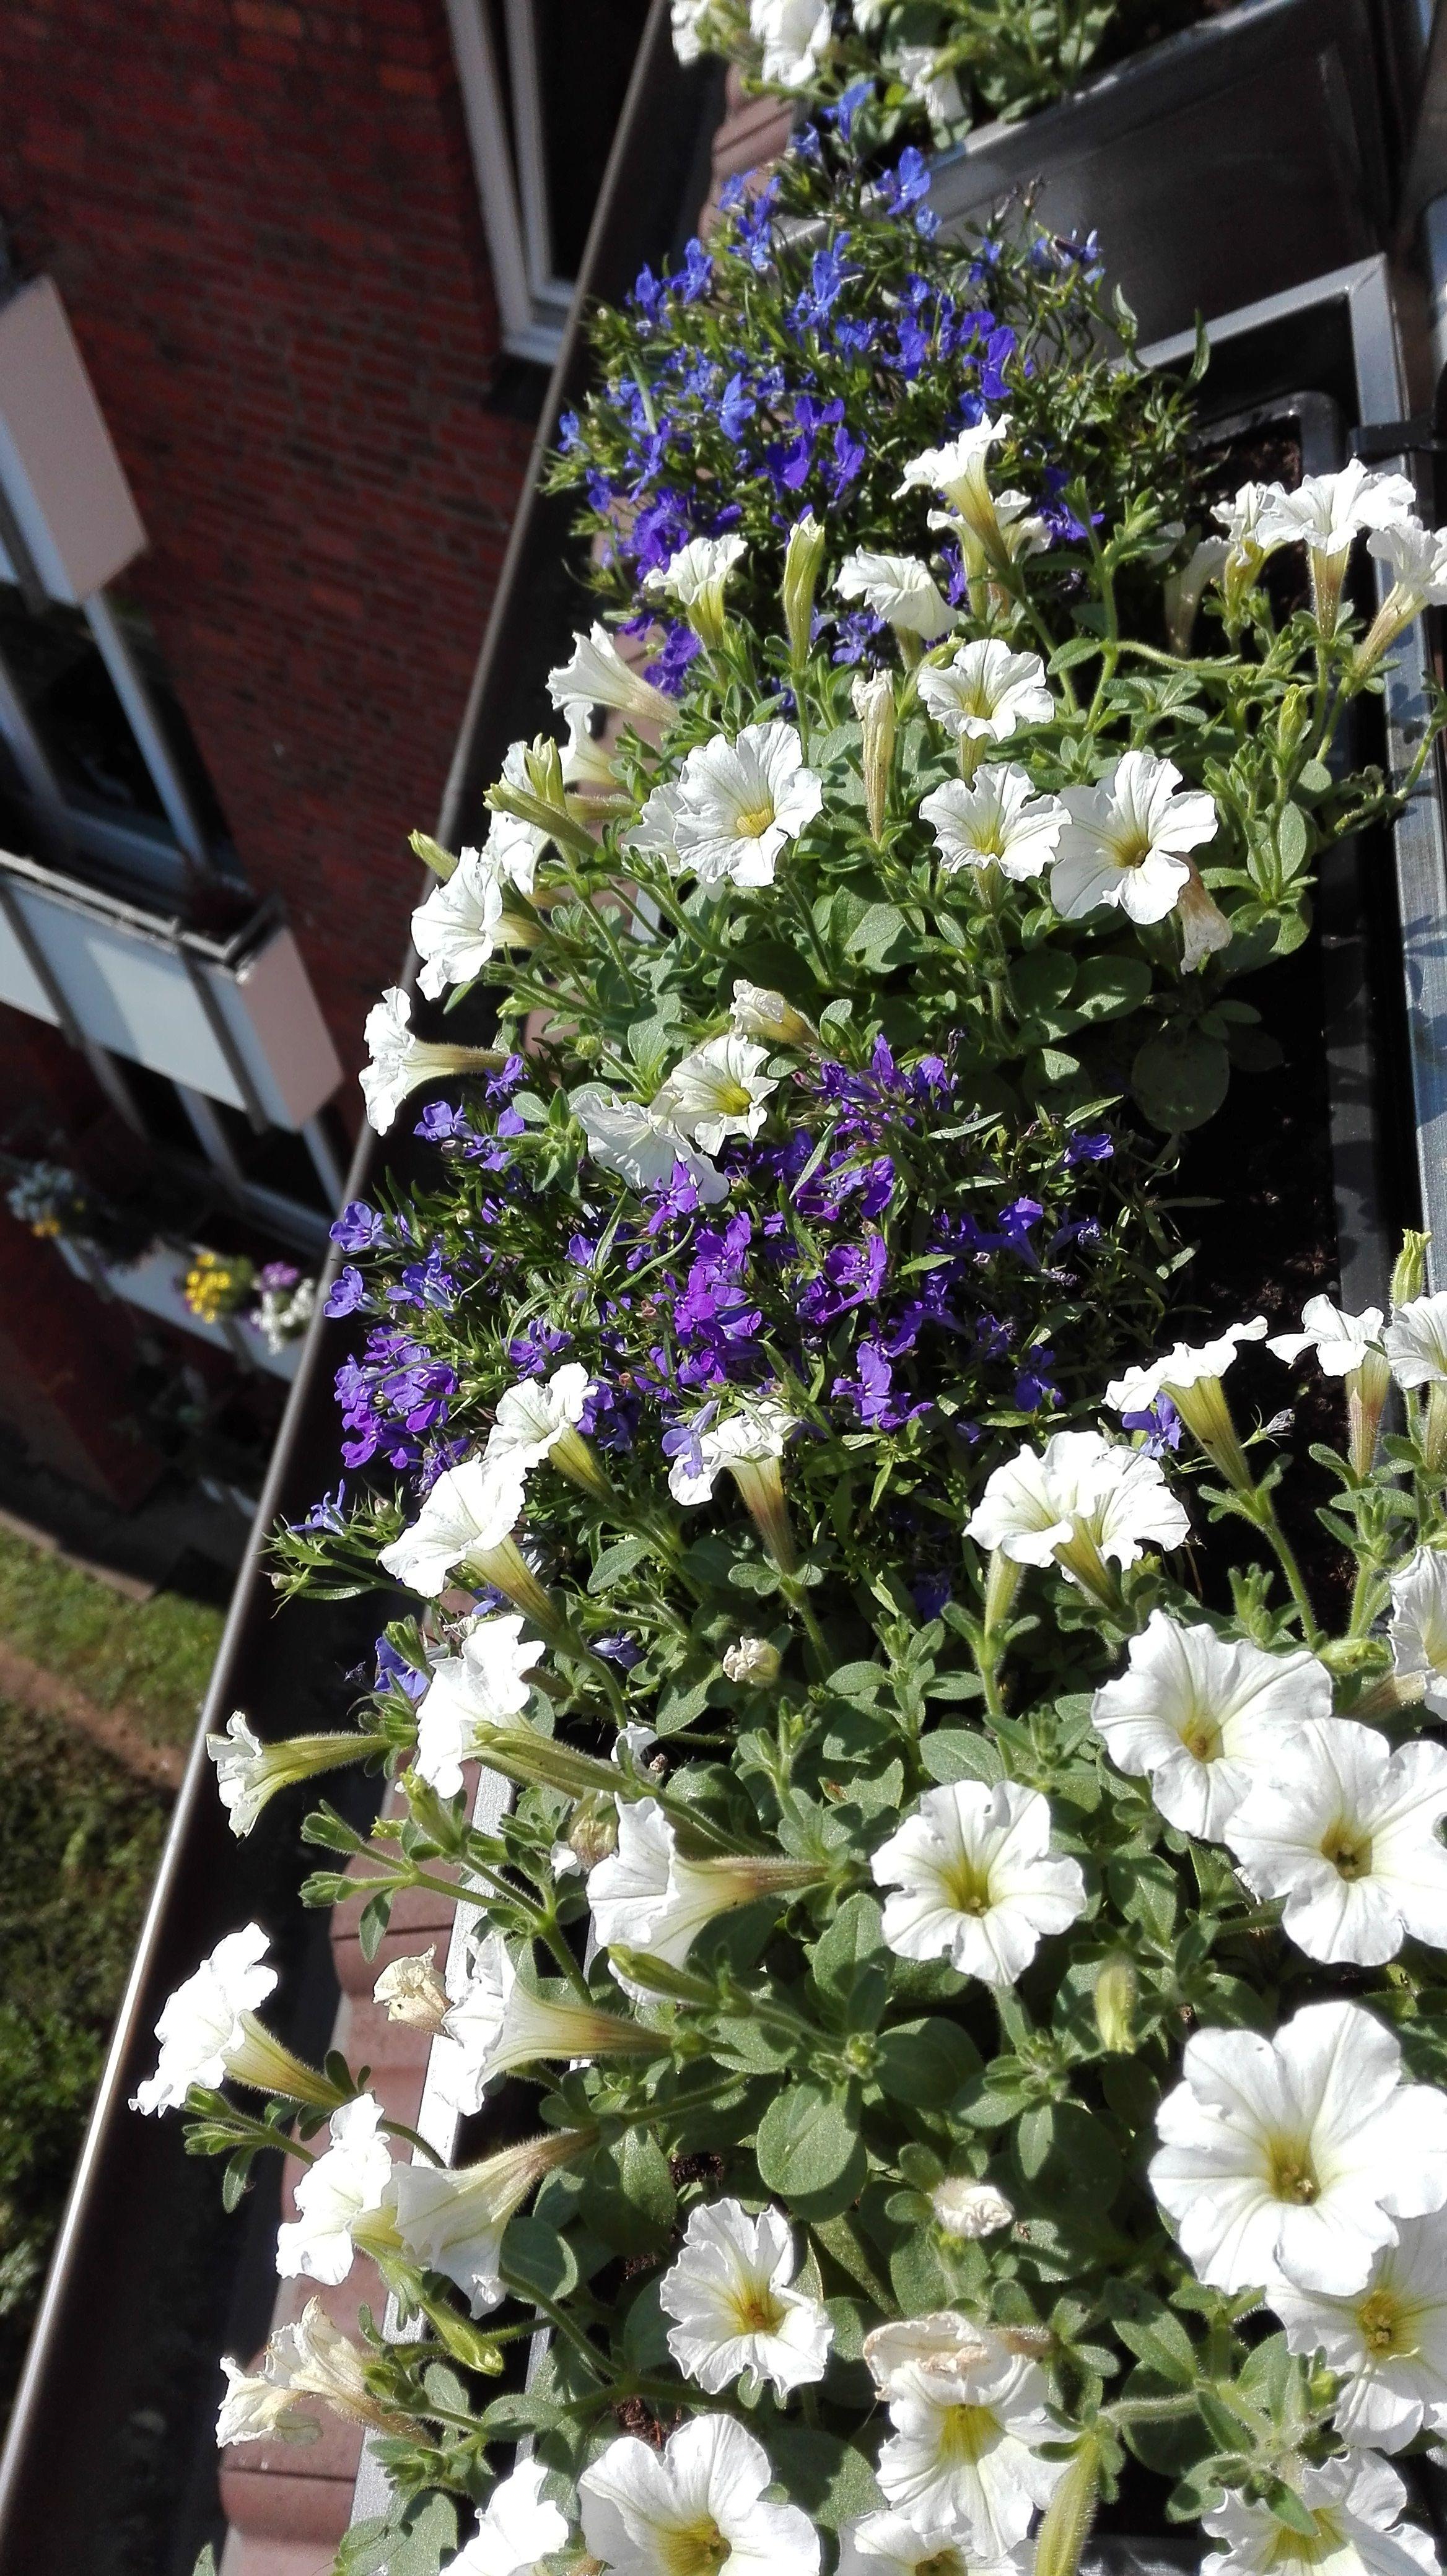 Balkonkasten Bepflanzen Mit Petunien Und Mannertreu In Blau Und